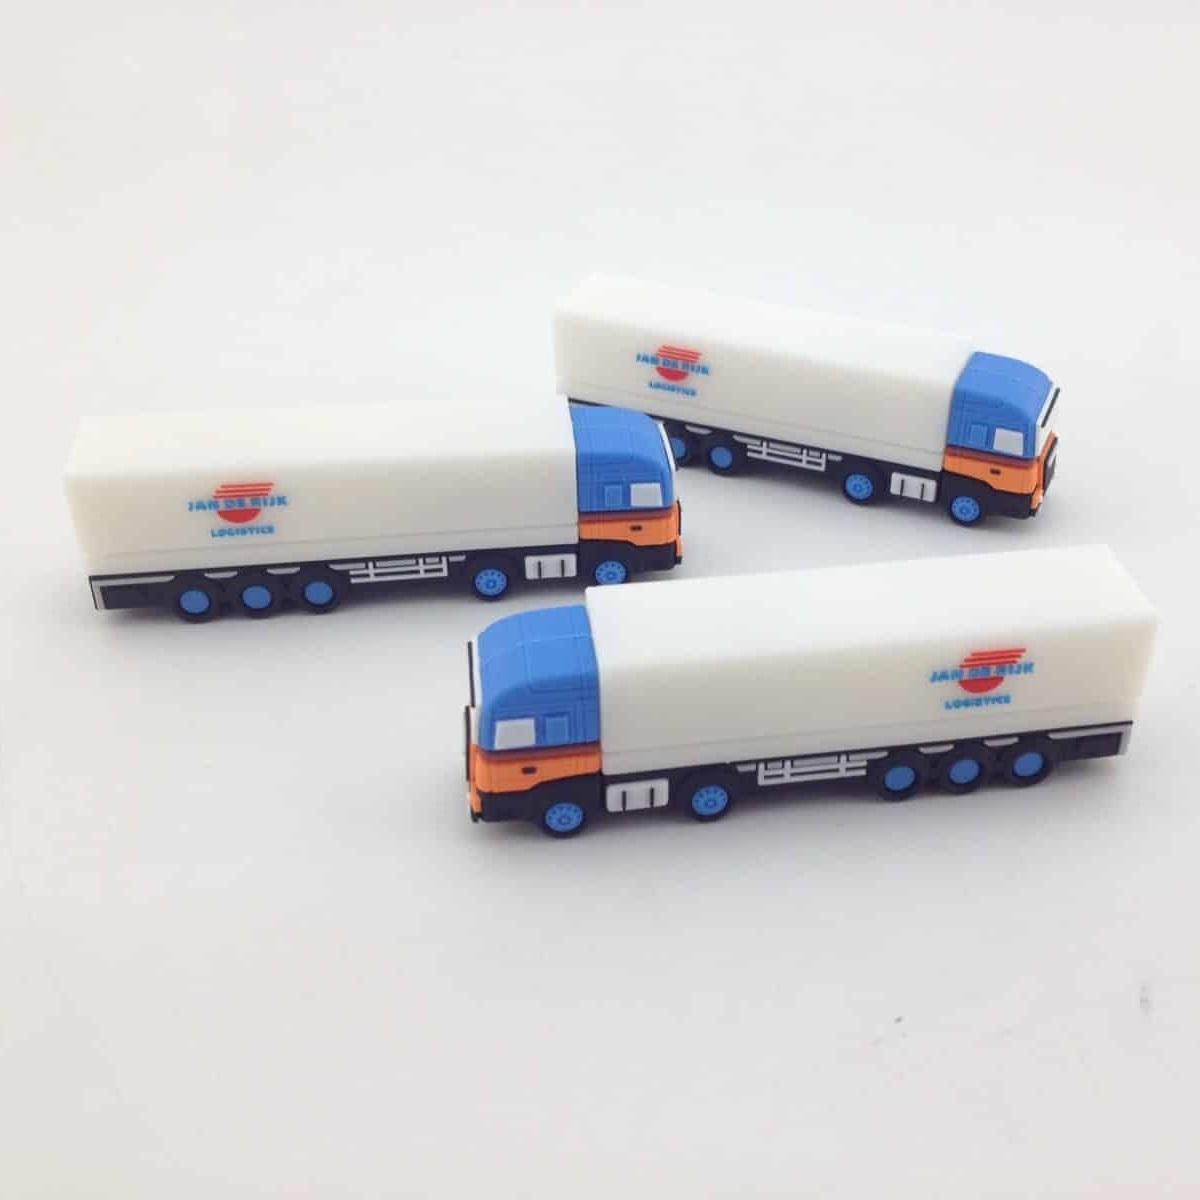 USB-stick vrachtwagen Jan de Rijk als relatiegeschenk